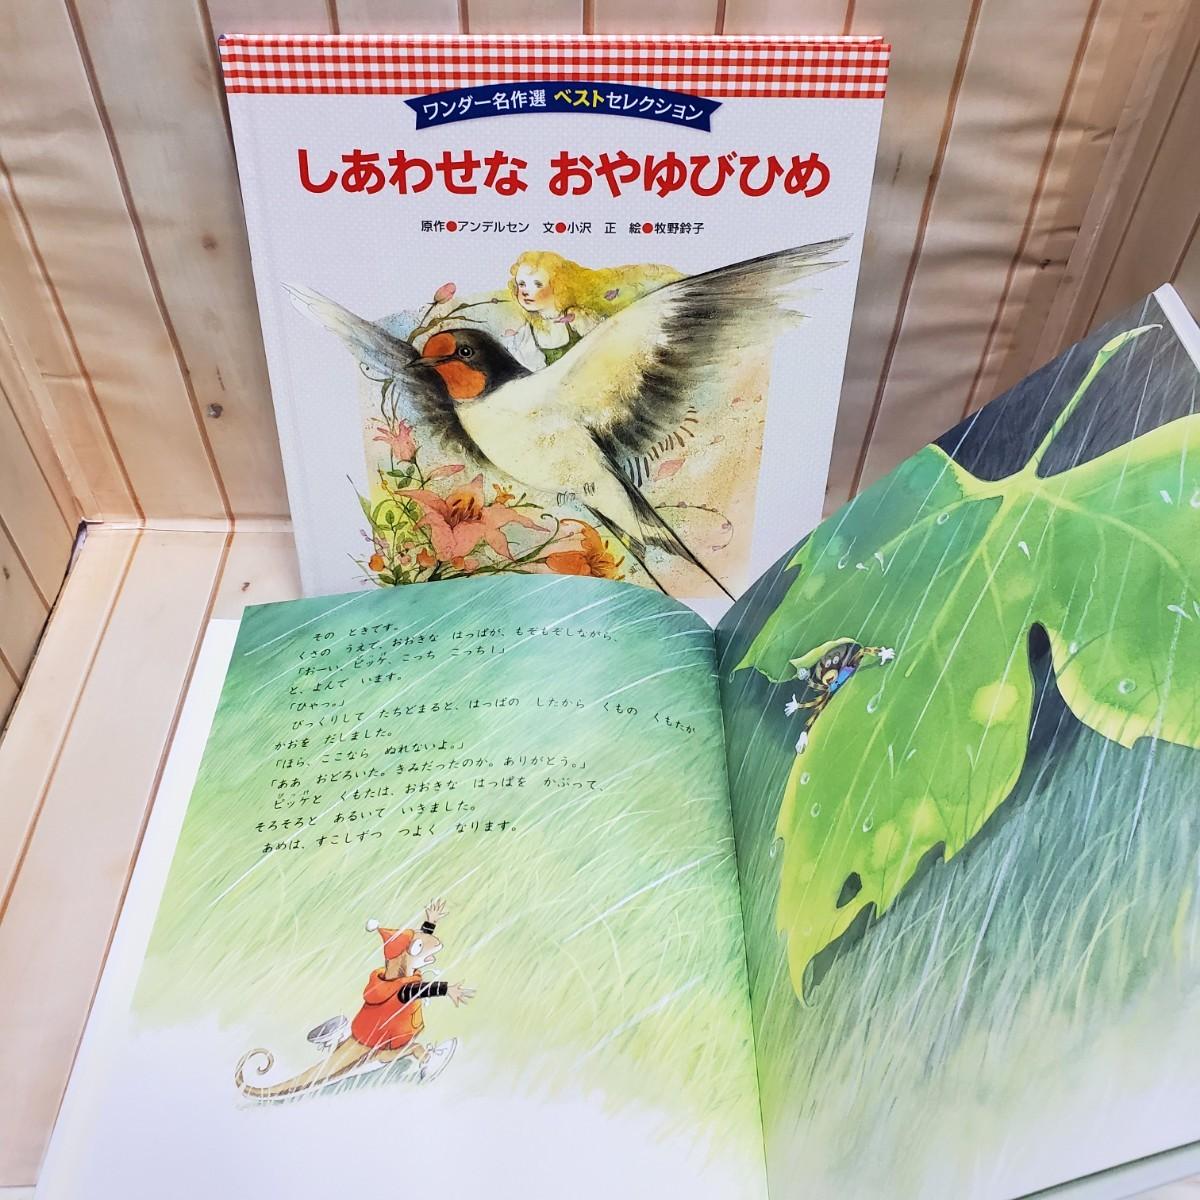 【絵本】しあわせな おやゆびひめ 原作アンデルセン、おおきな はっぱ、子供、幼児